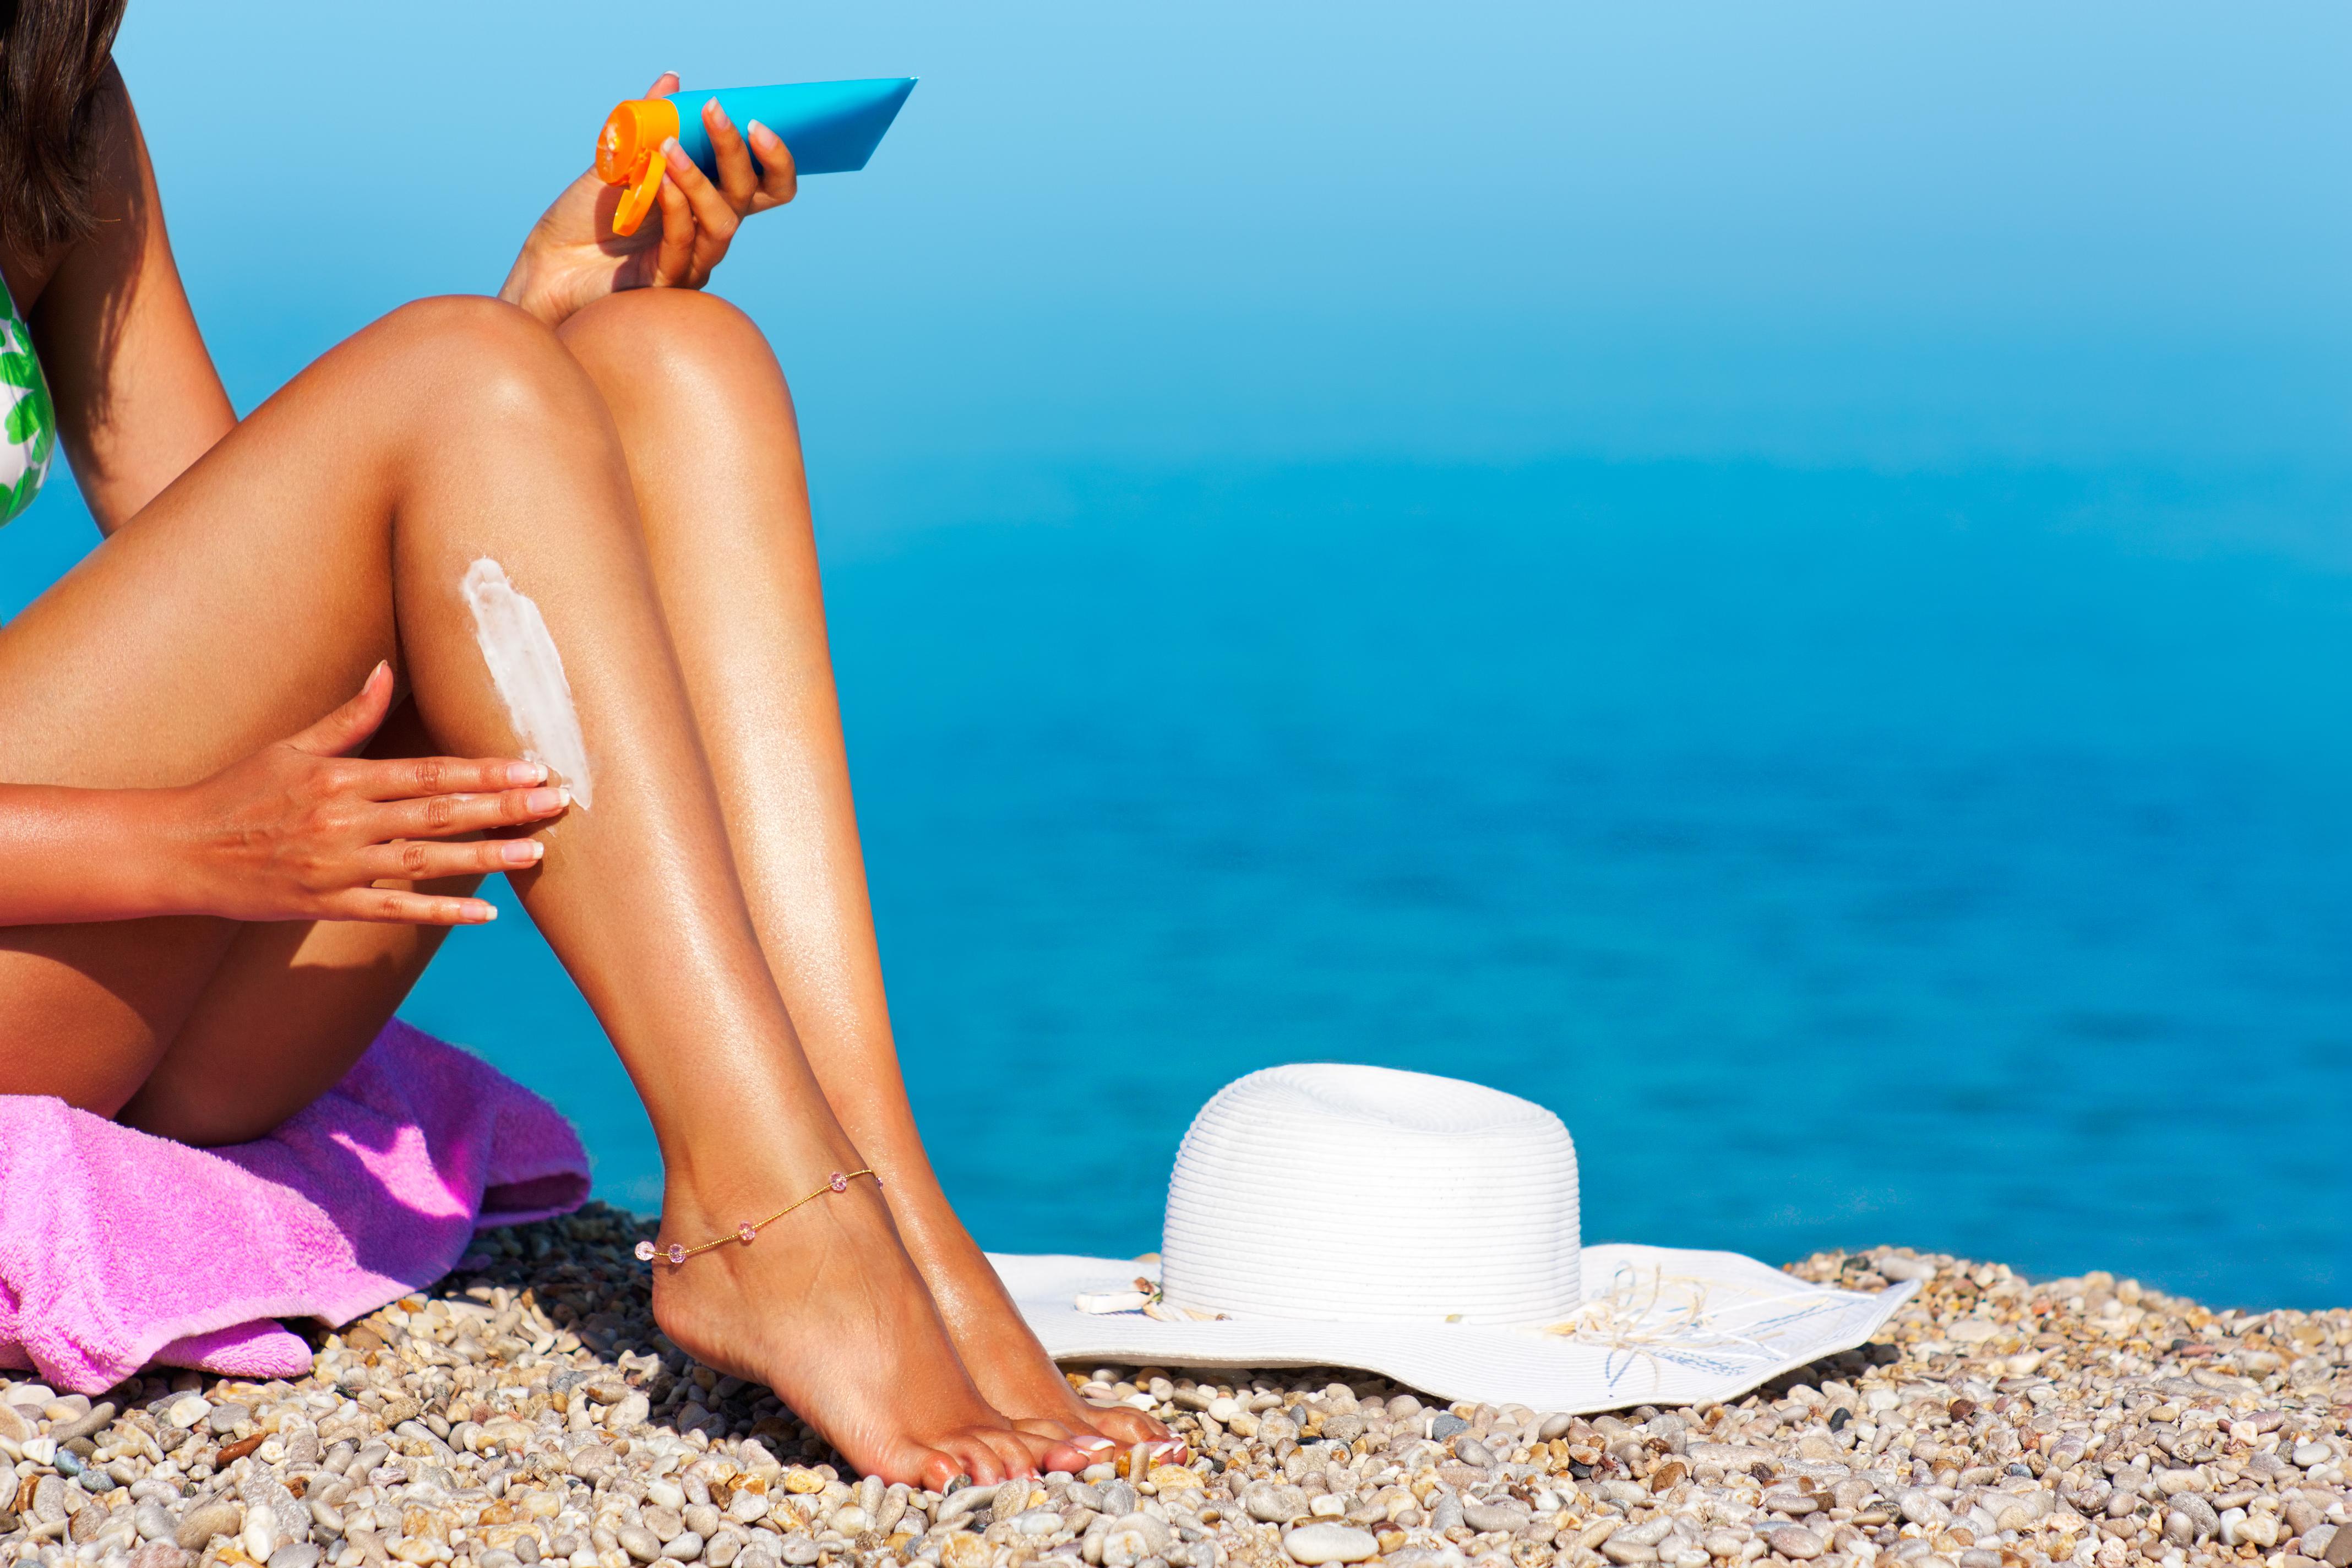 Sonnenschutz ist das wichtigste must-have für die Strandtasche. © shutterstock.com